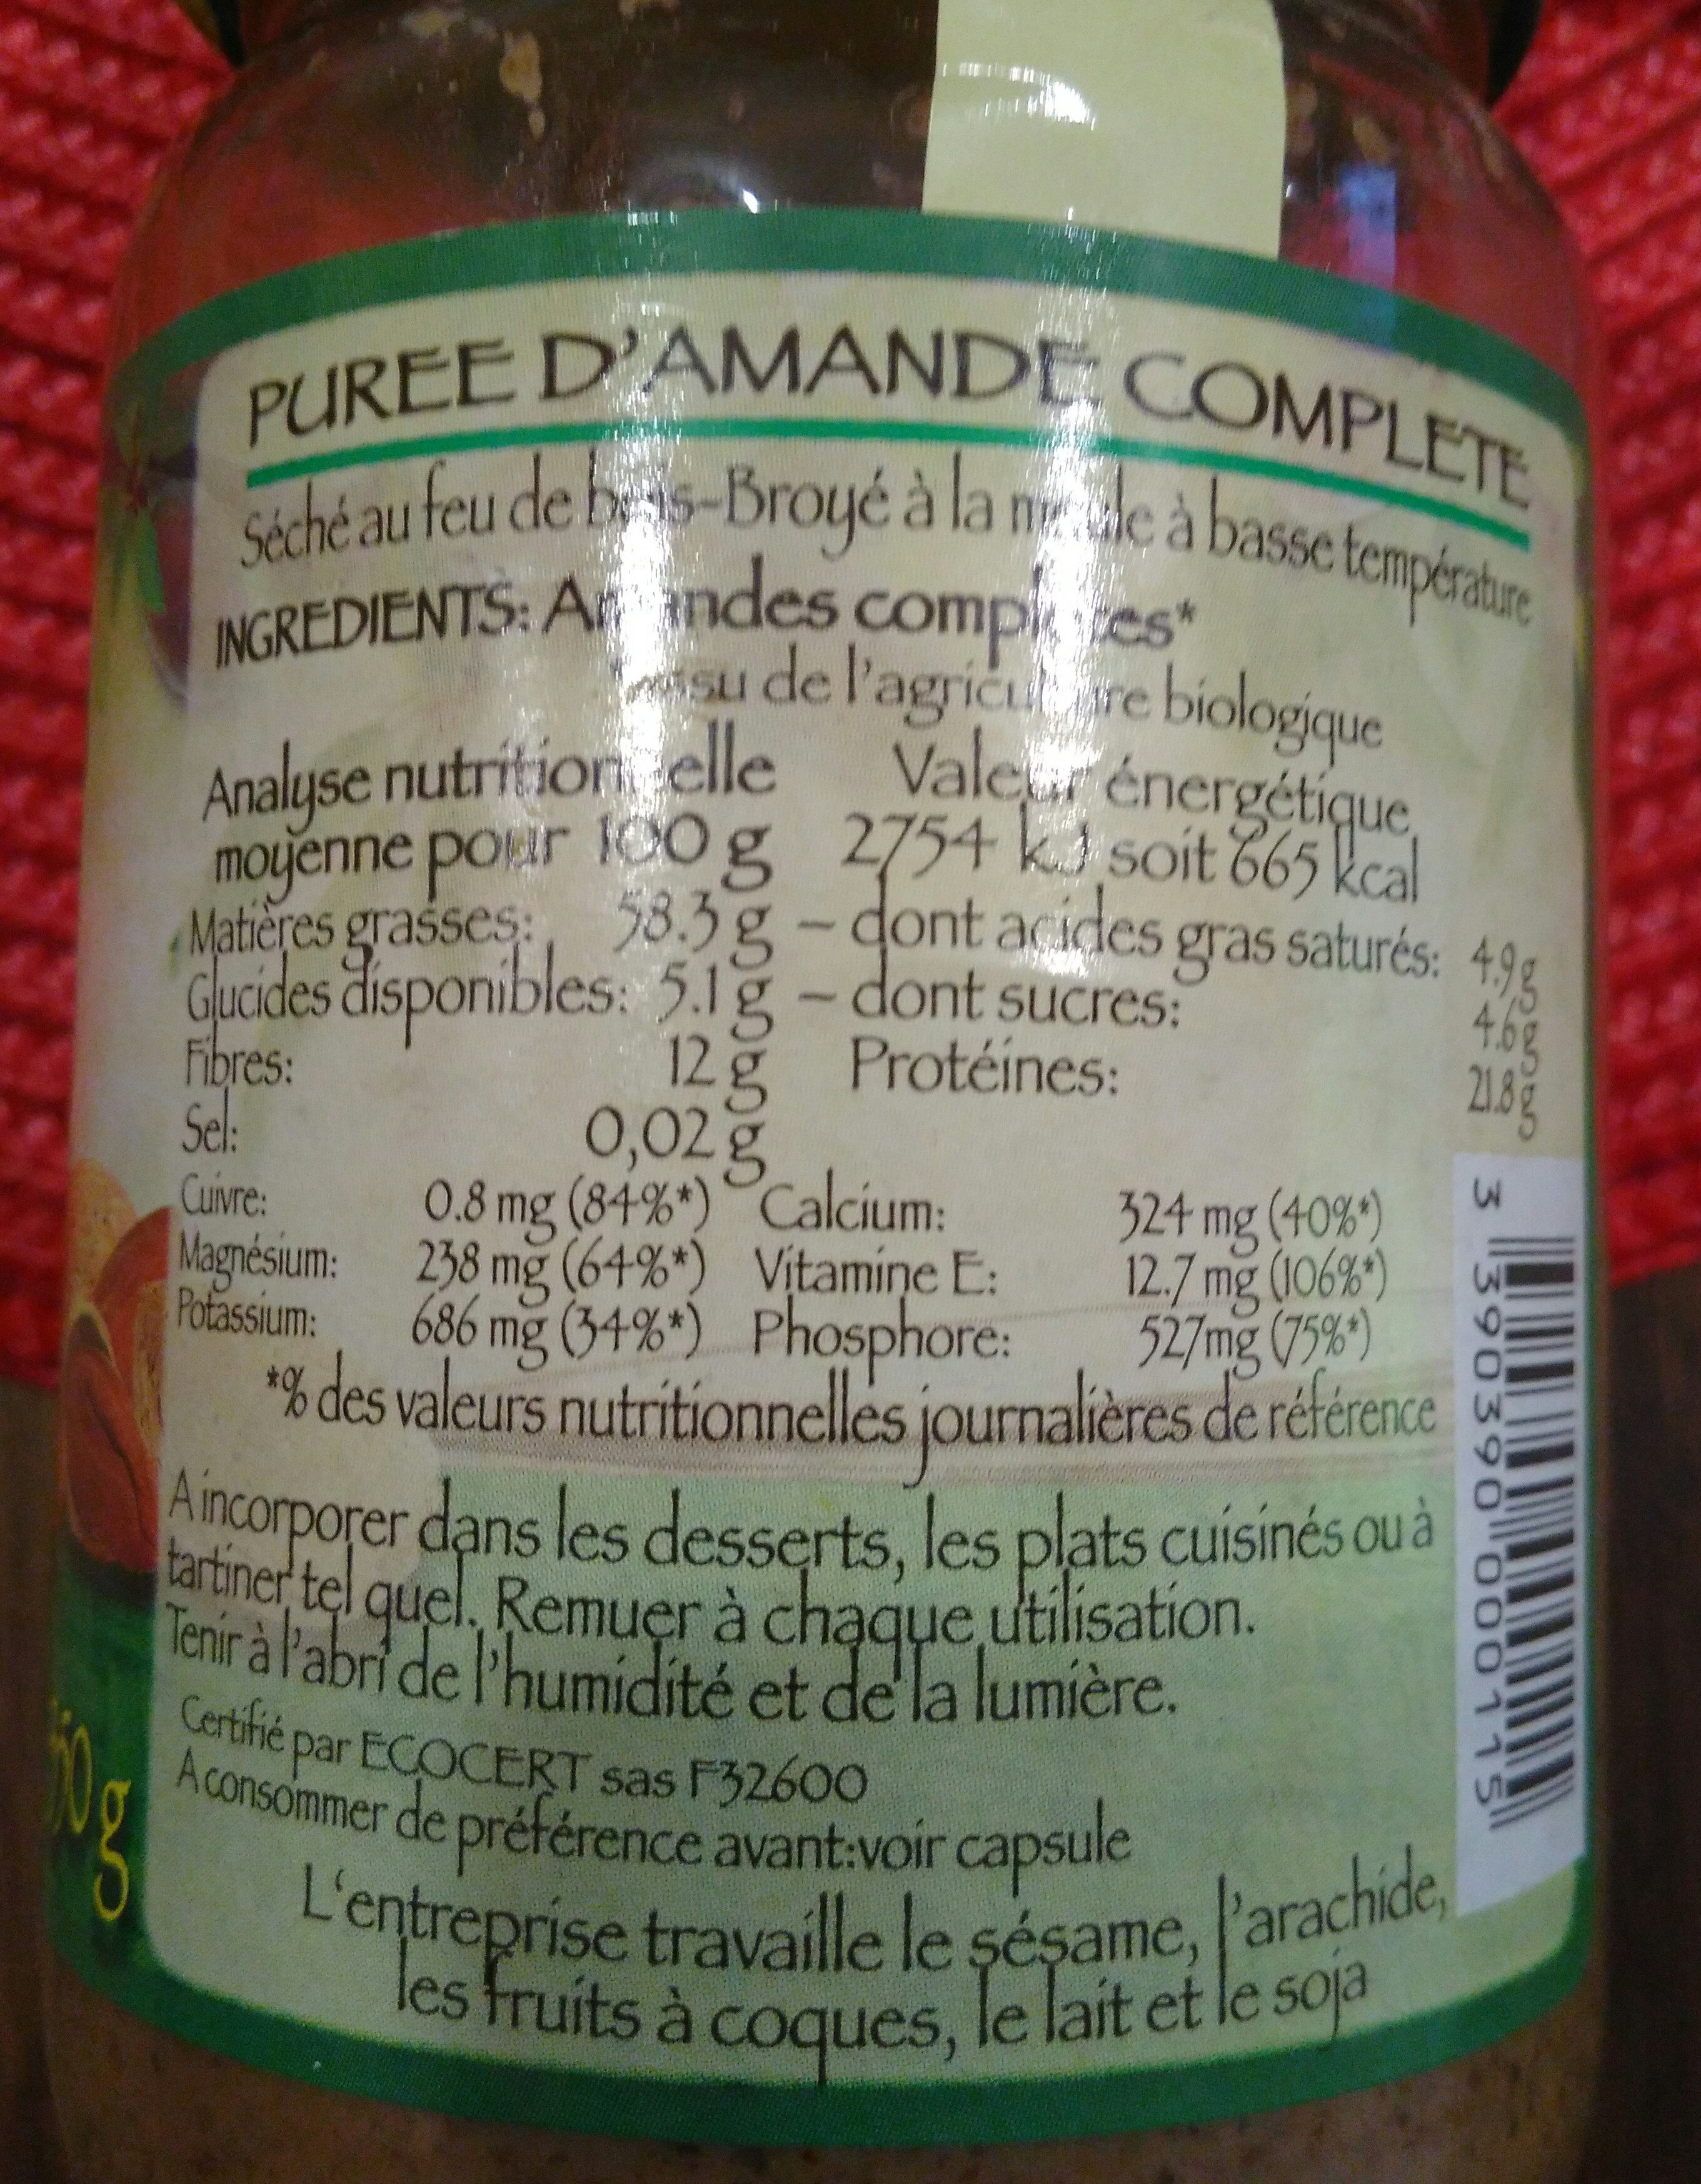 Purée Amande Complete - Ingrediënten - fr